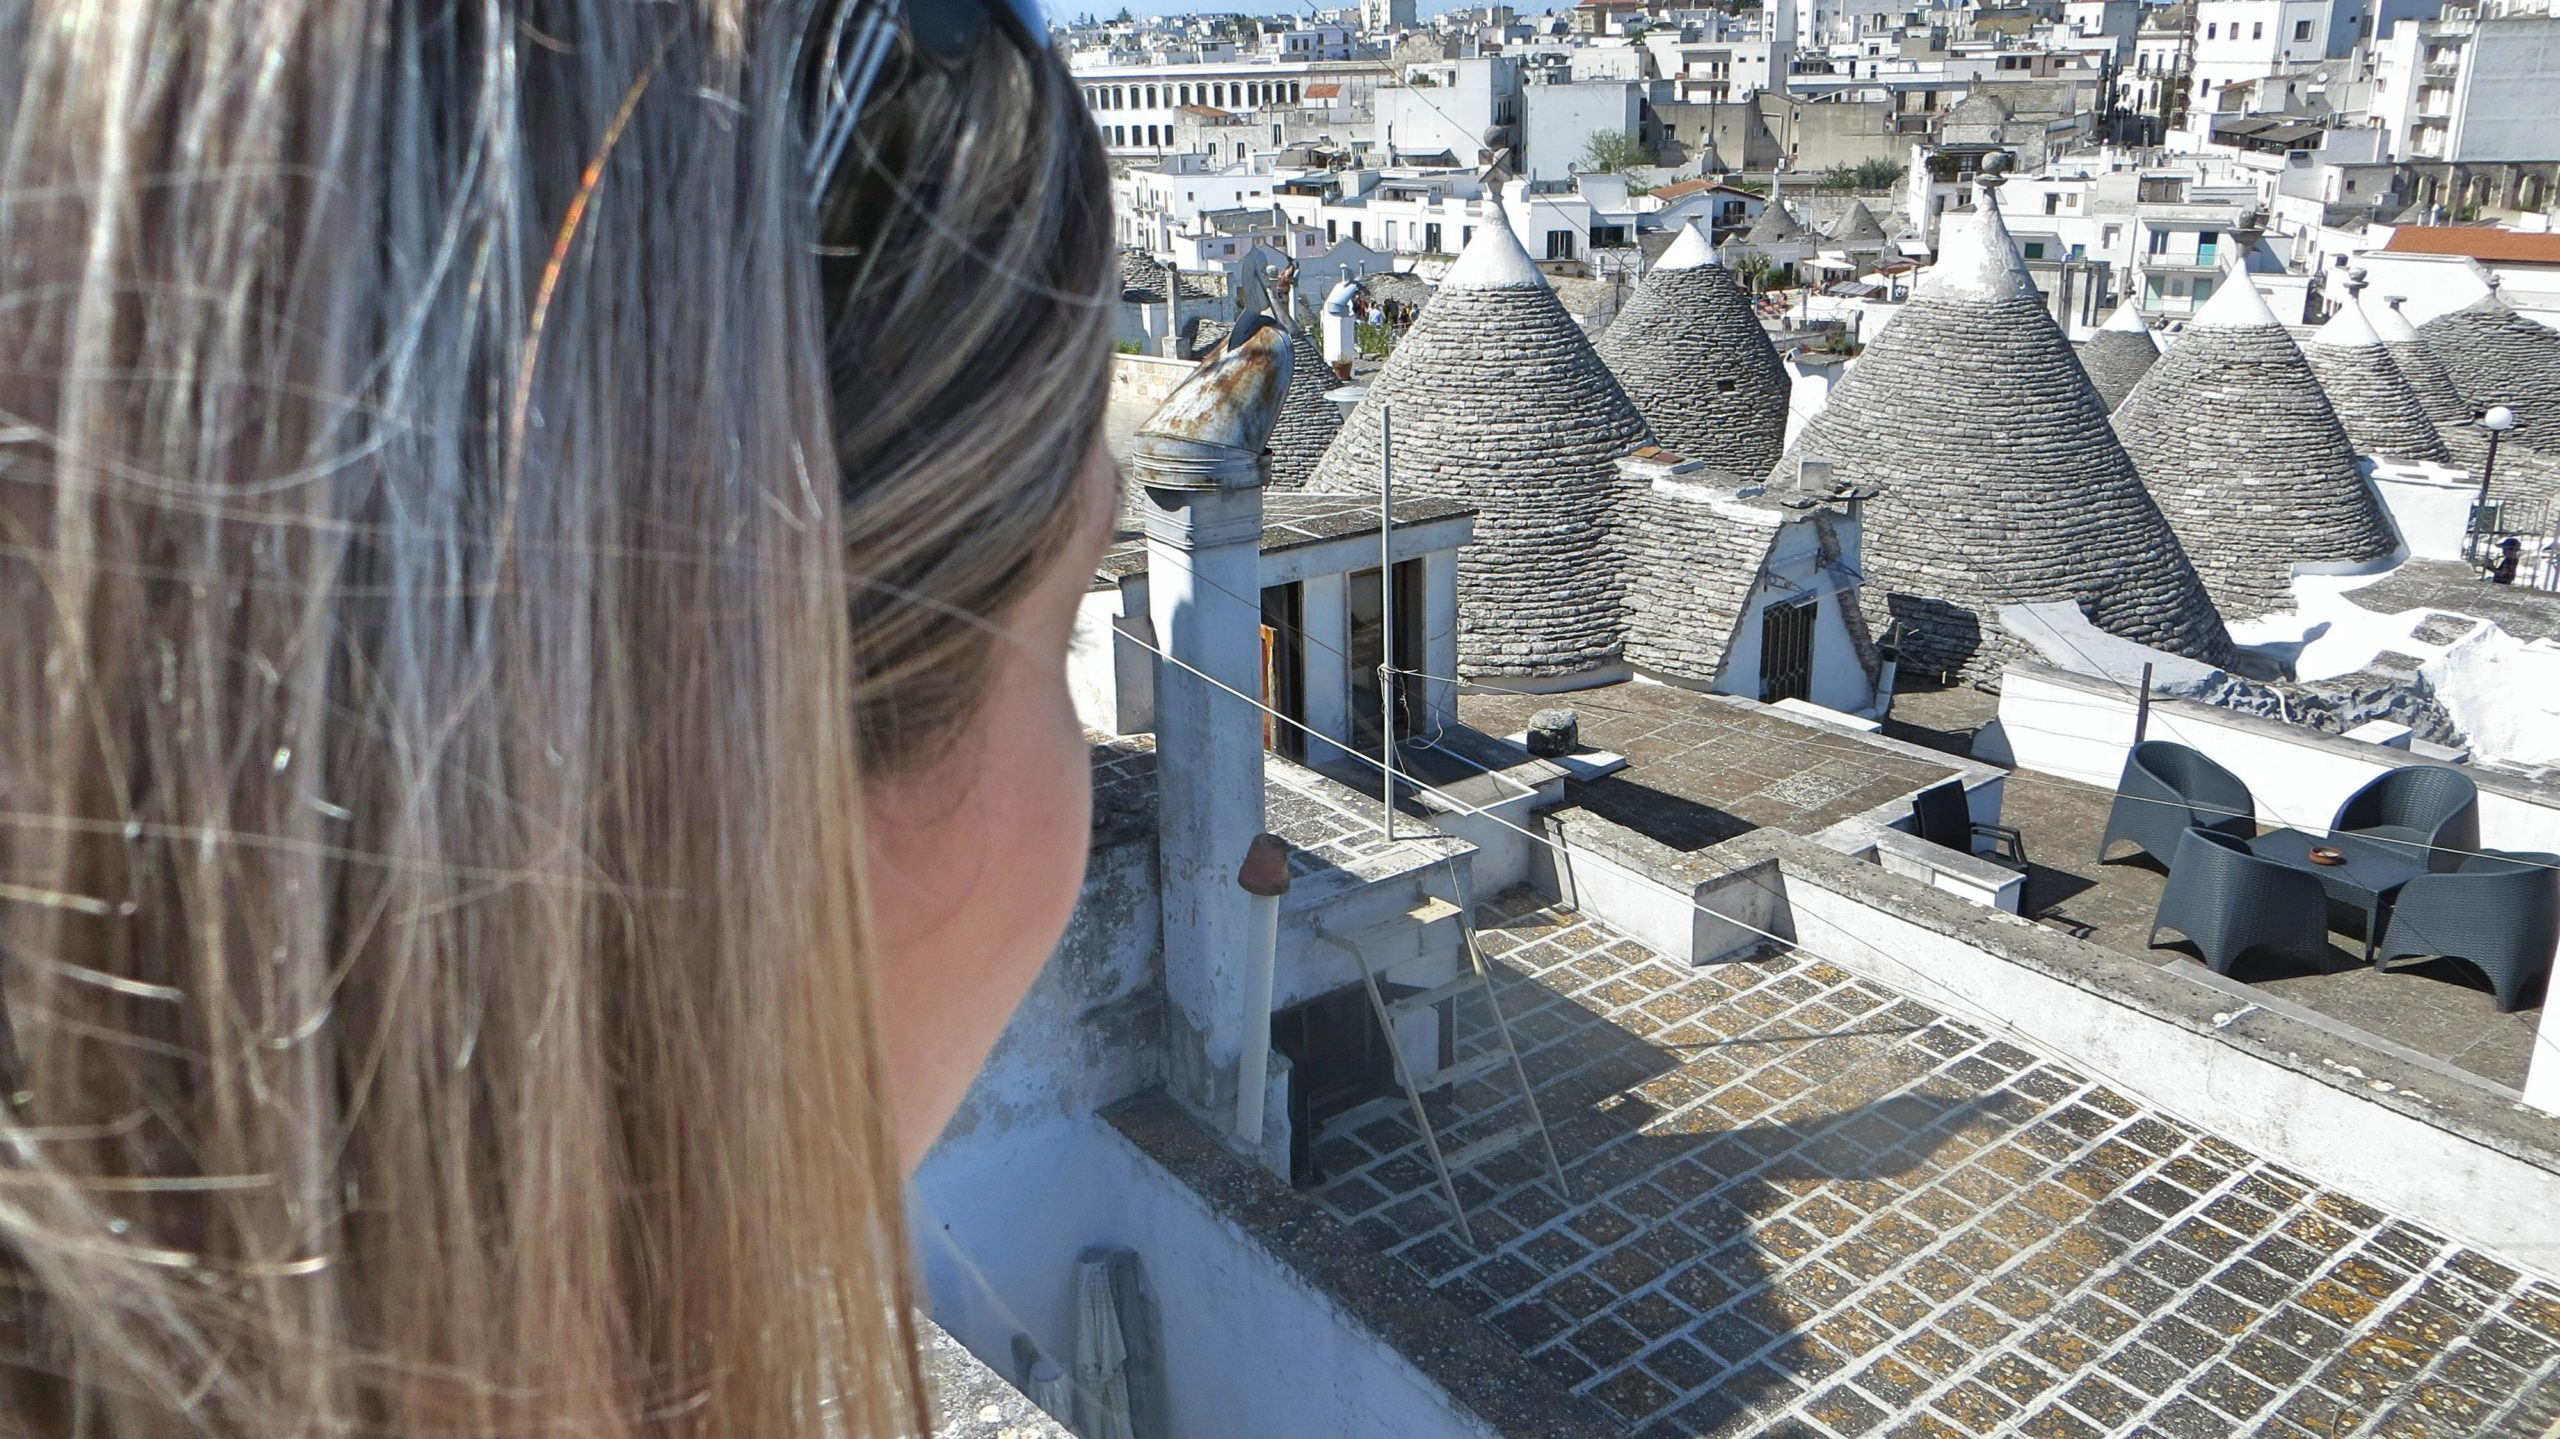 Výhled ze střechy.